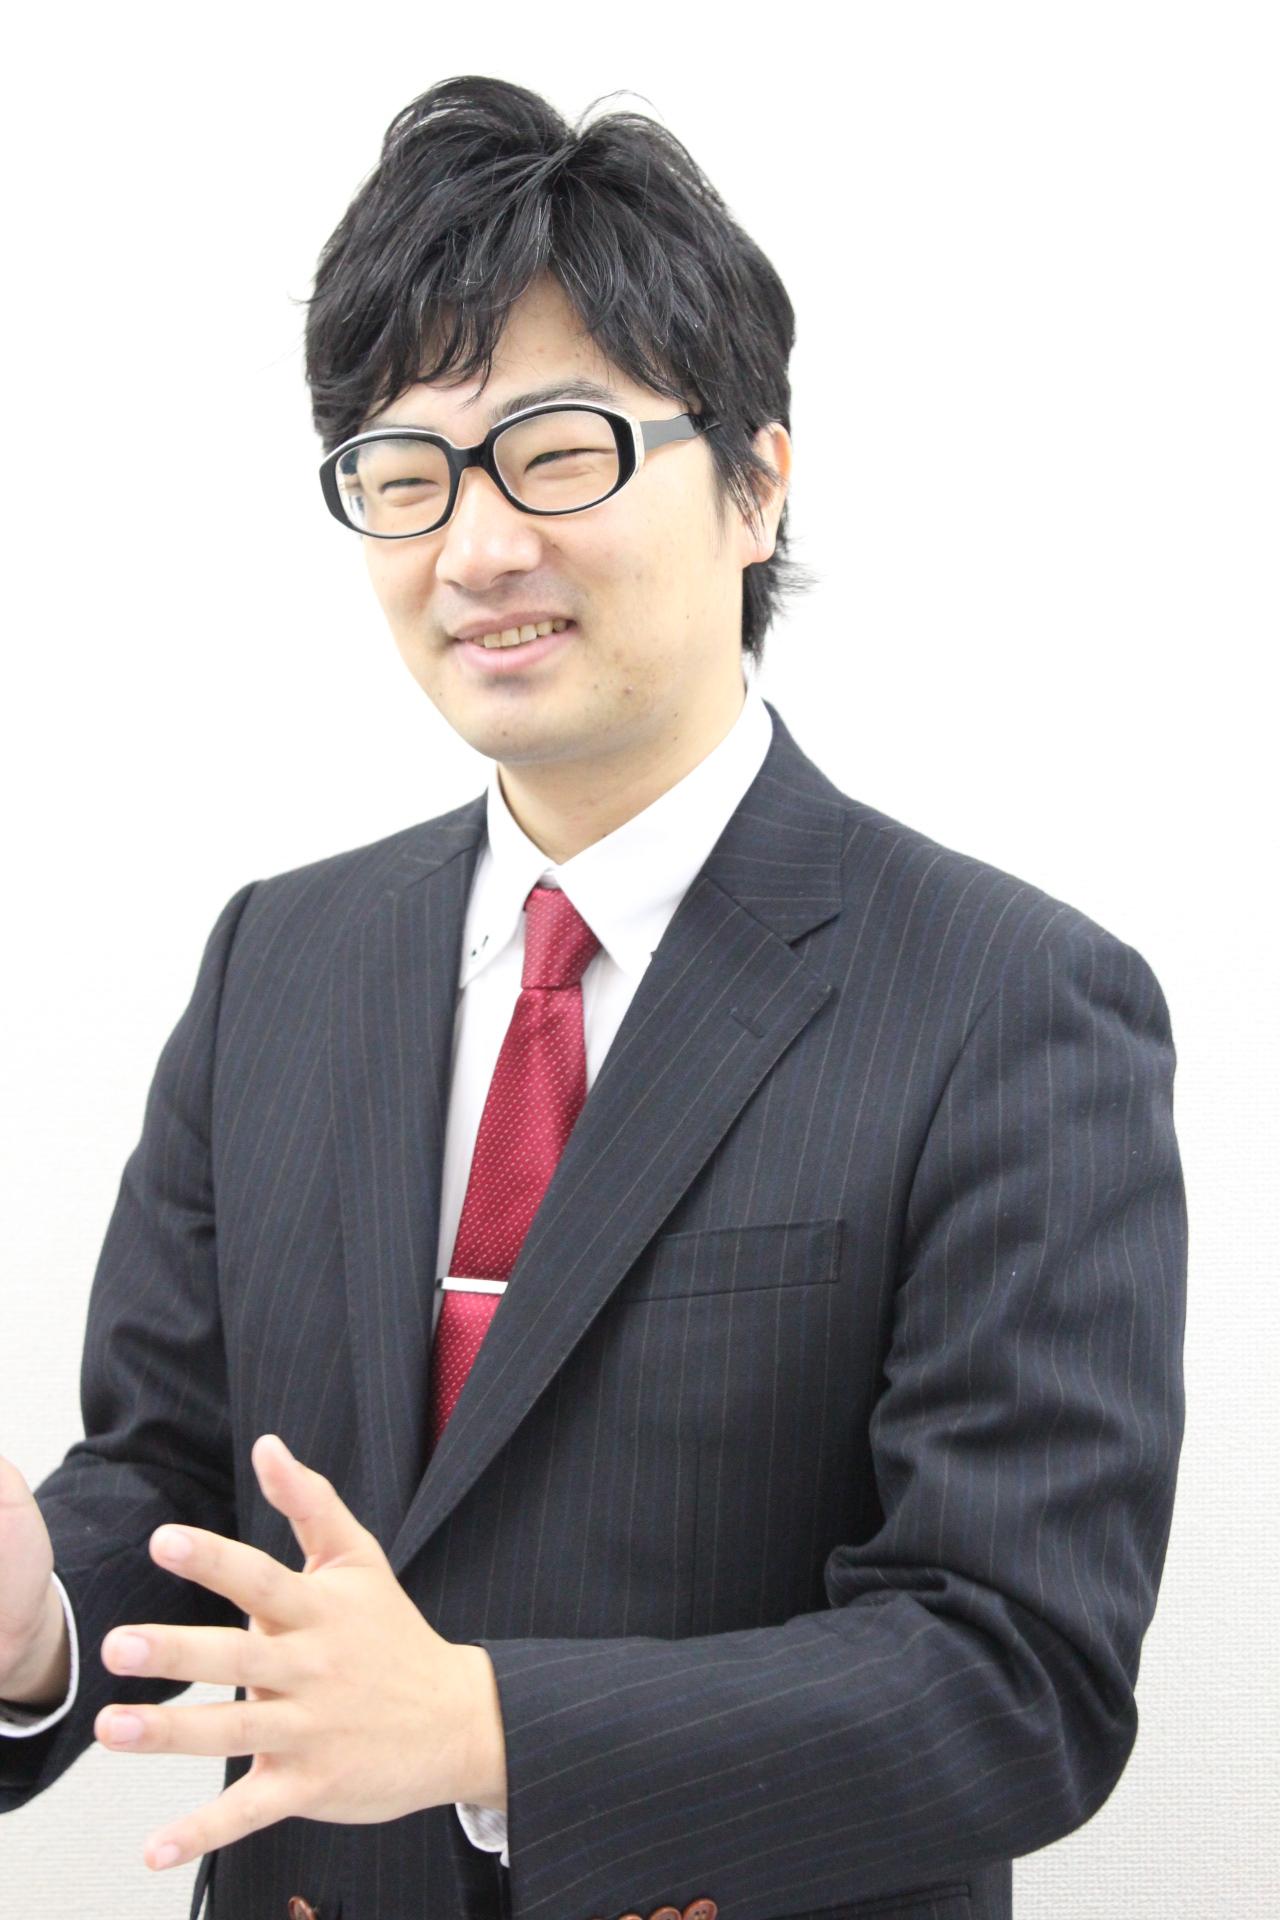 田邊佑介がろくろを回しています。